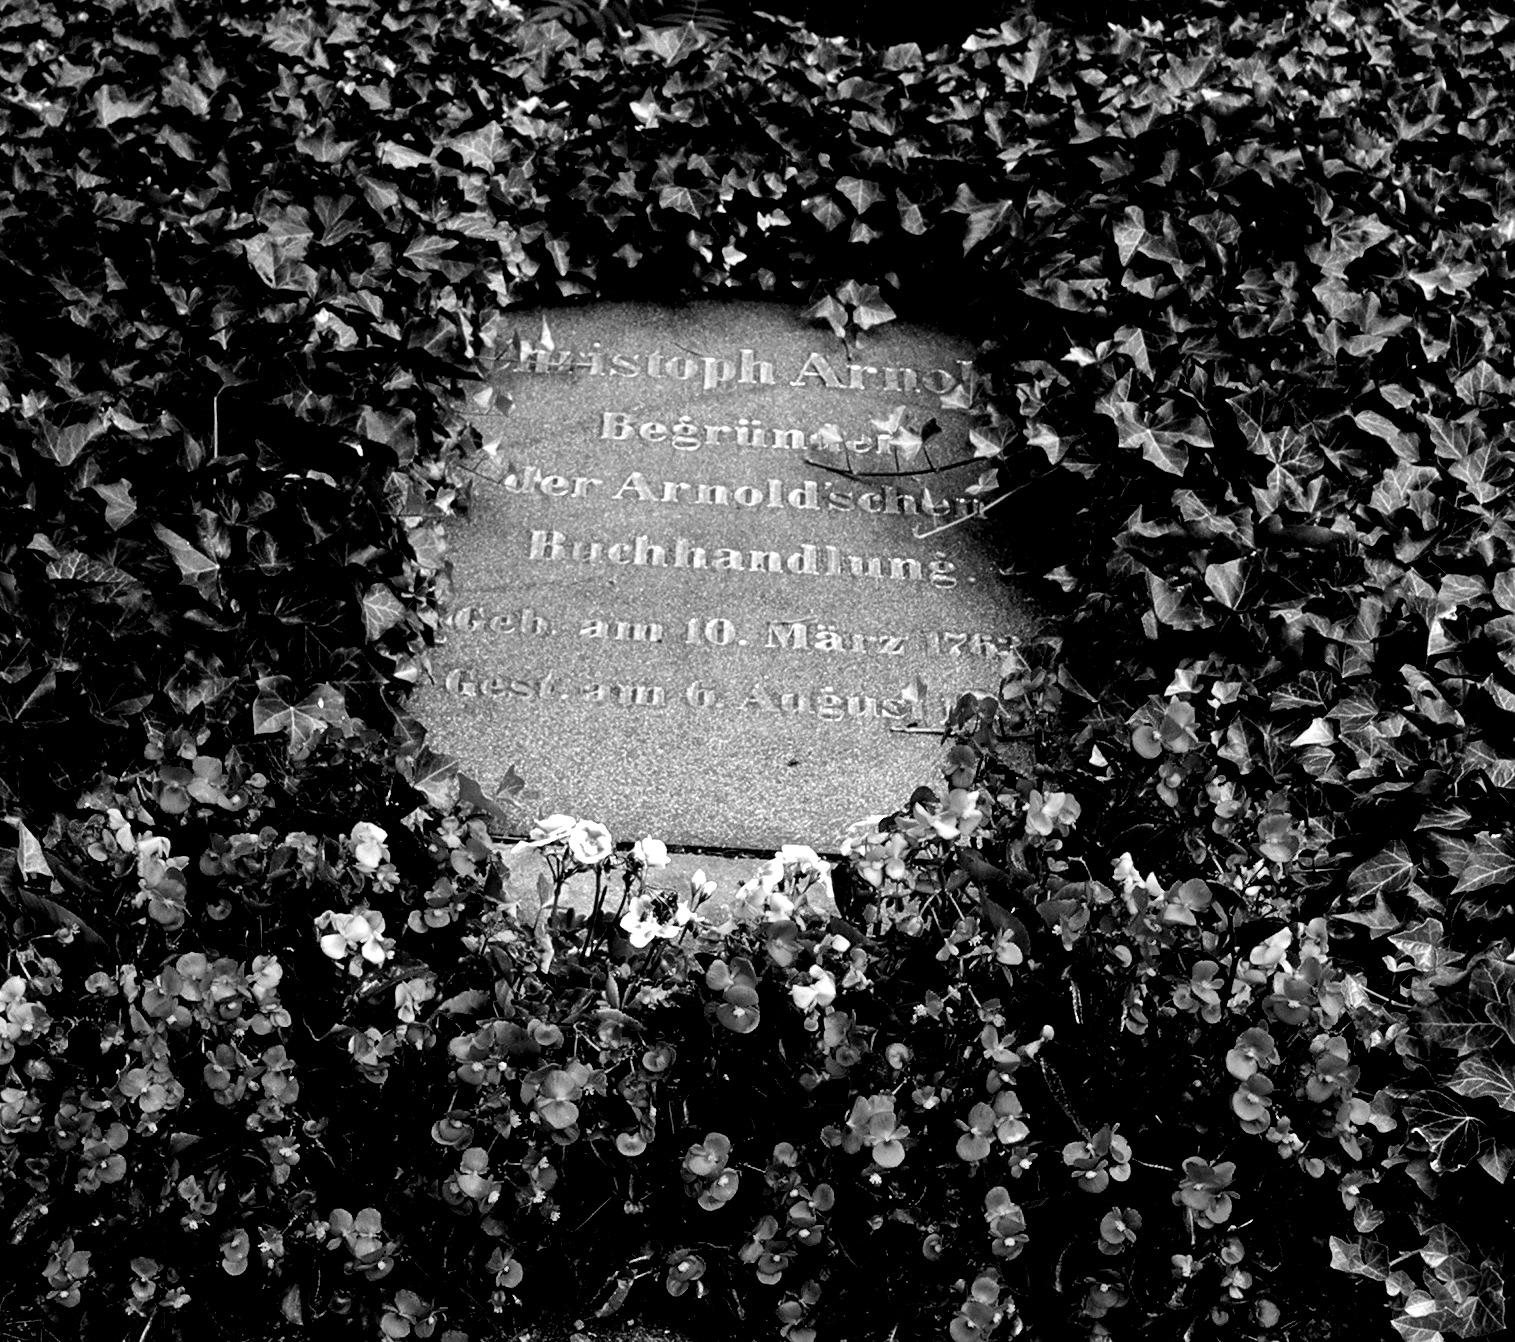 Grabstein von Johann Christoph Arnold auf dem Dresdner Trinitatisfriedhof.